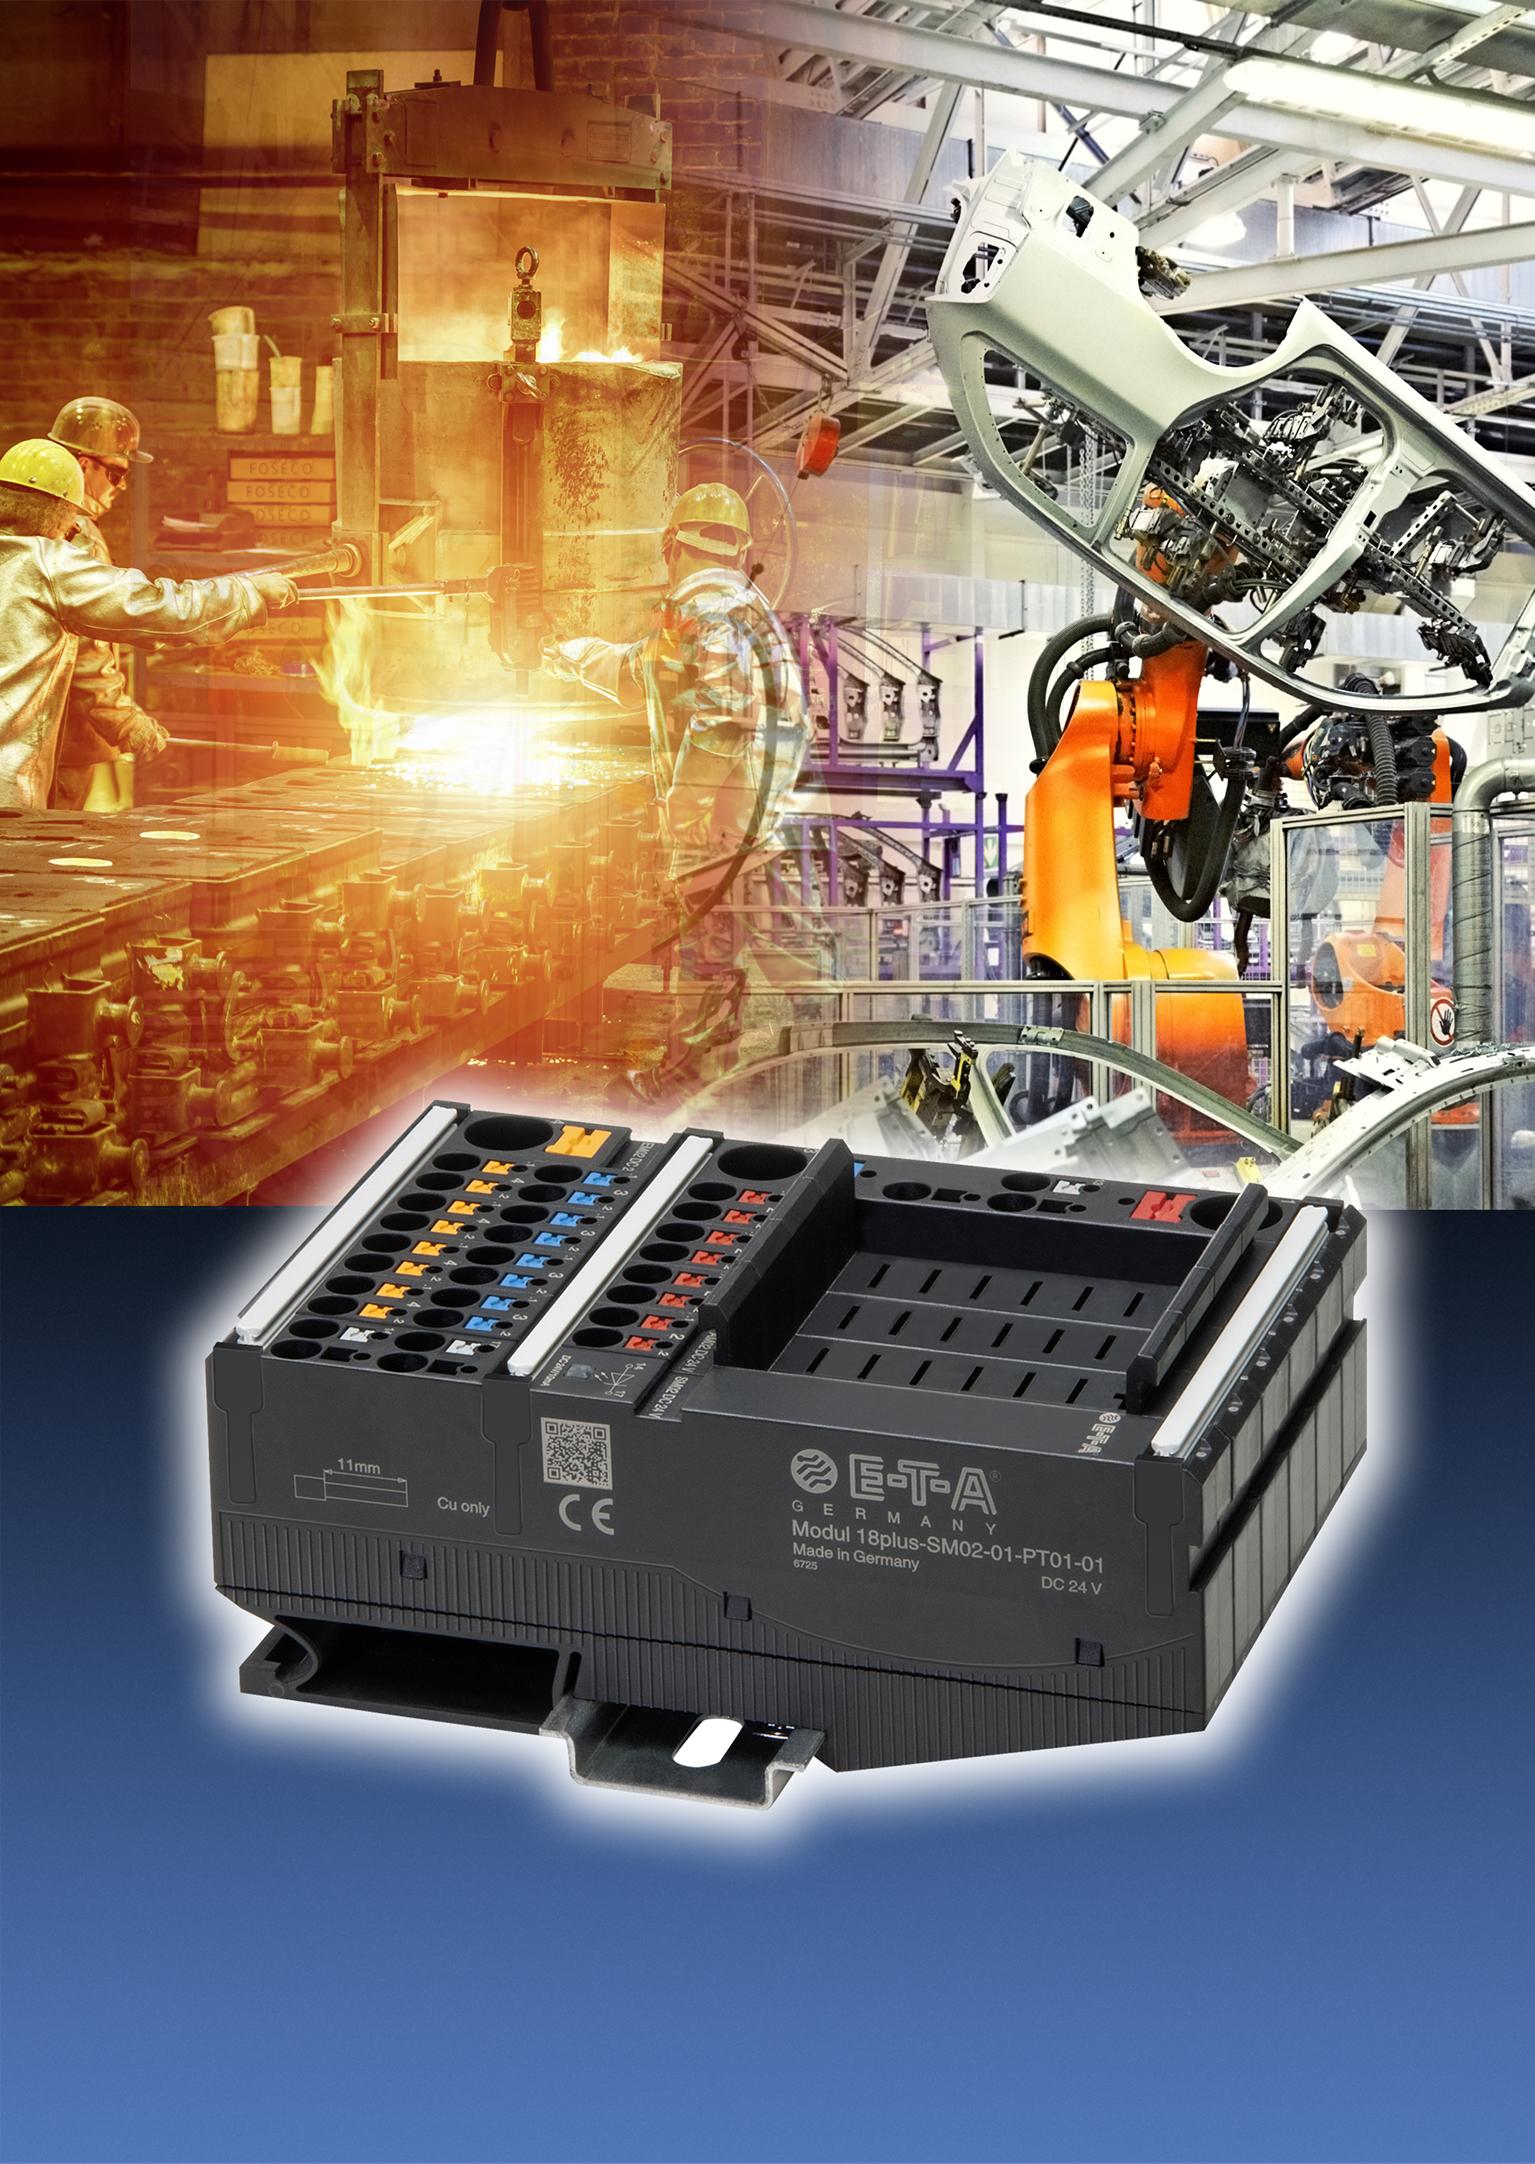 PR377 Typ Modul 18plus | E-T-A